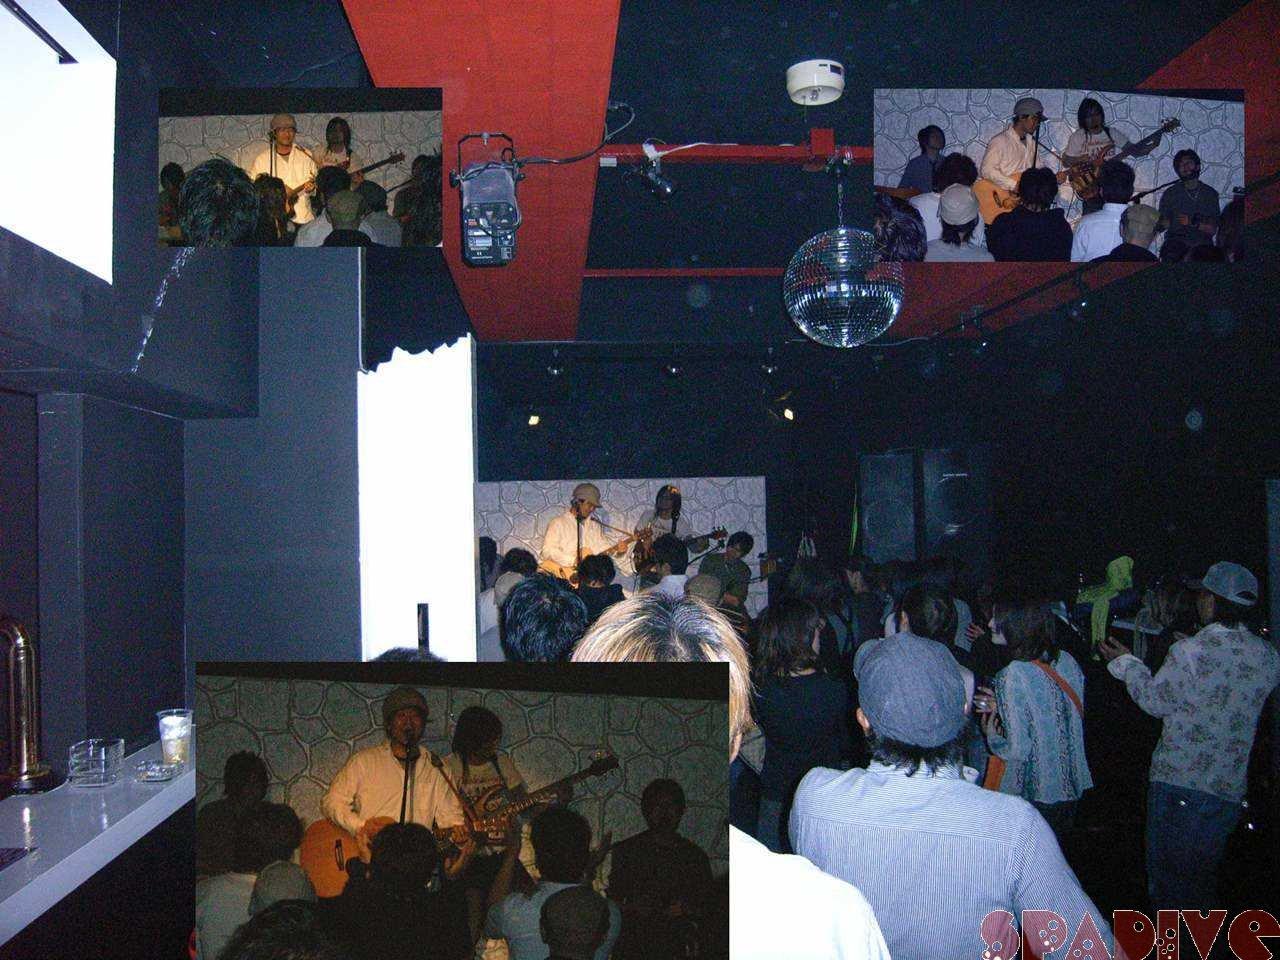 ライブ鑑賞~橋本優樹 4/16/2007お隣のライブハウスで